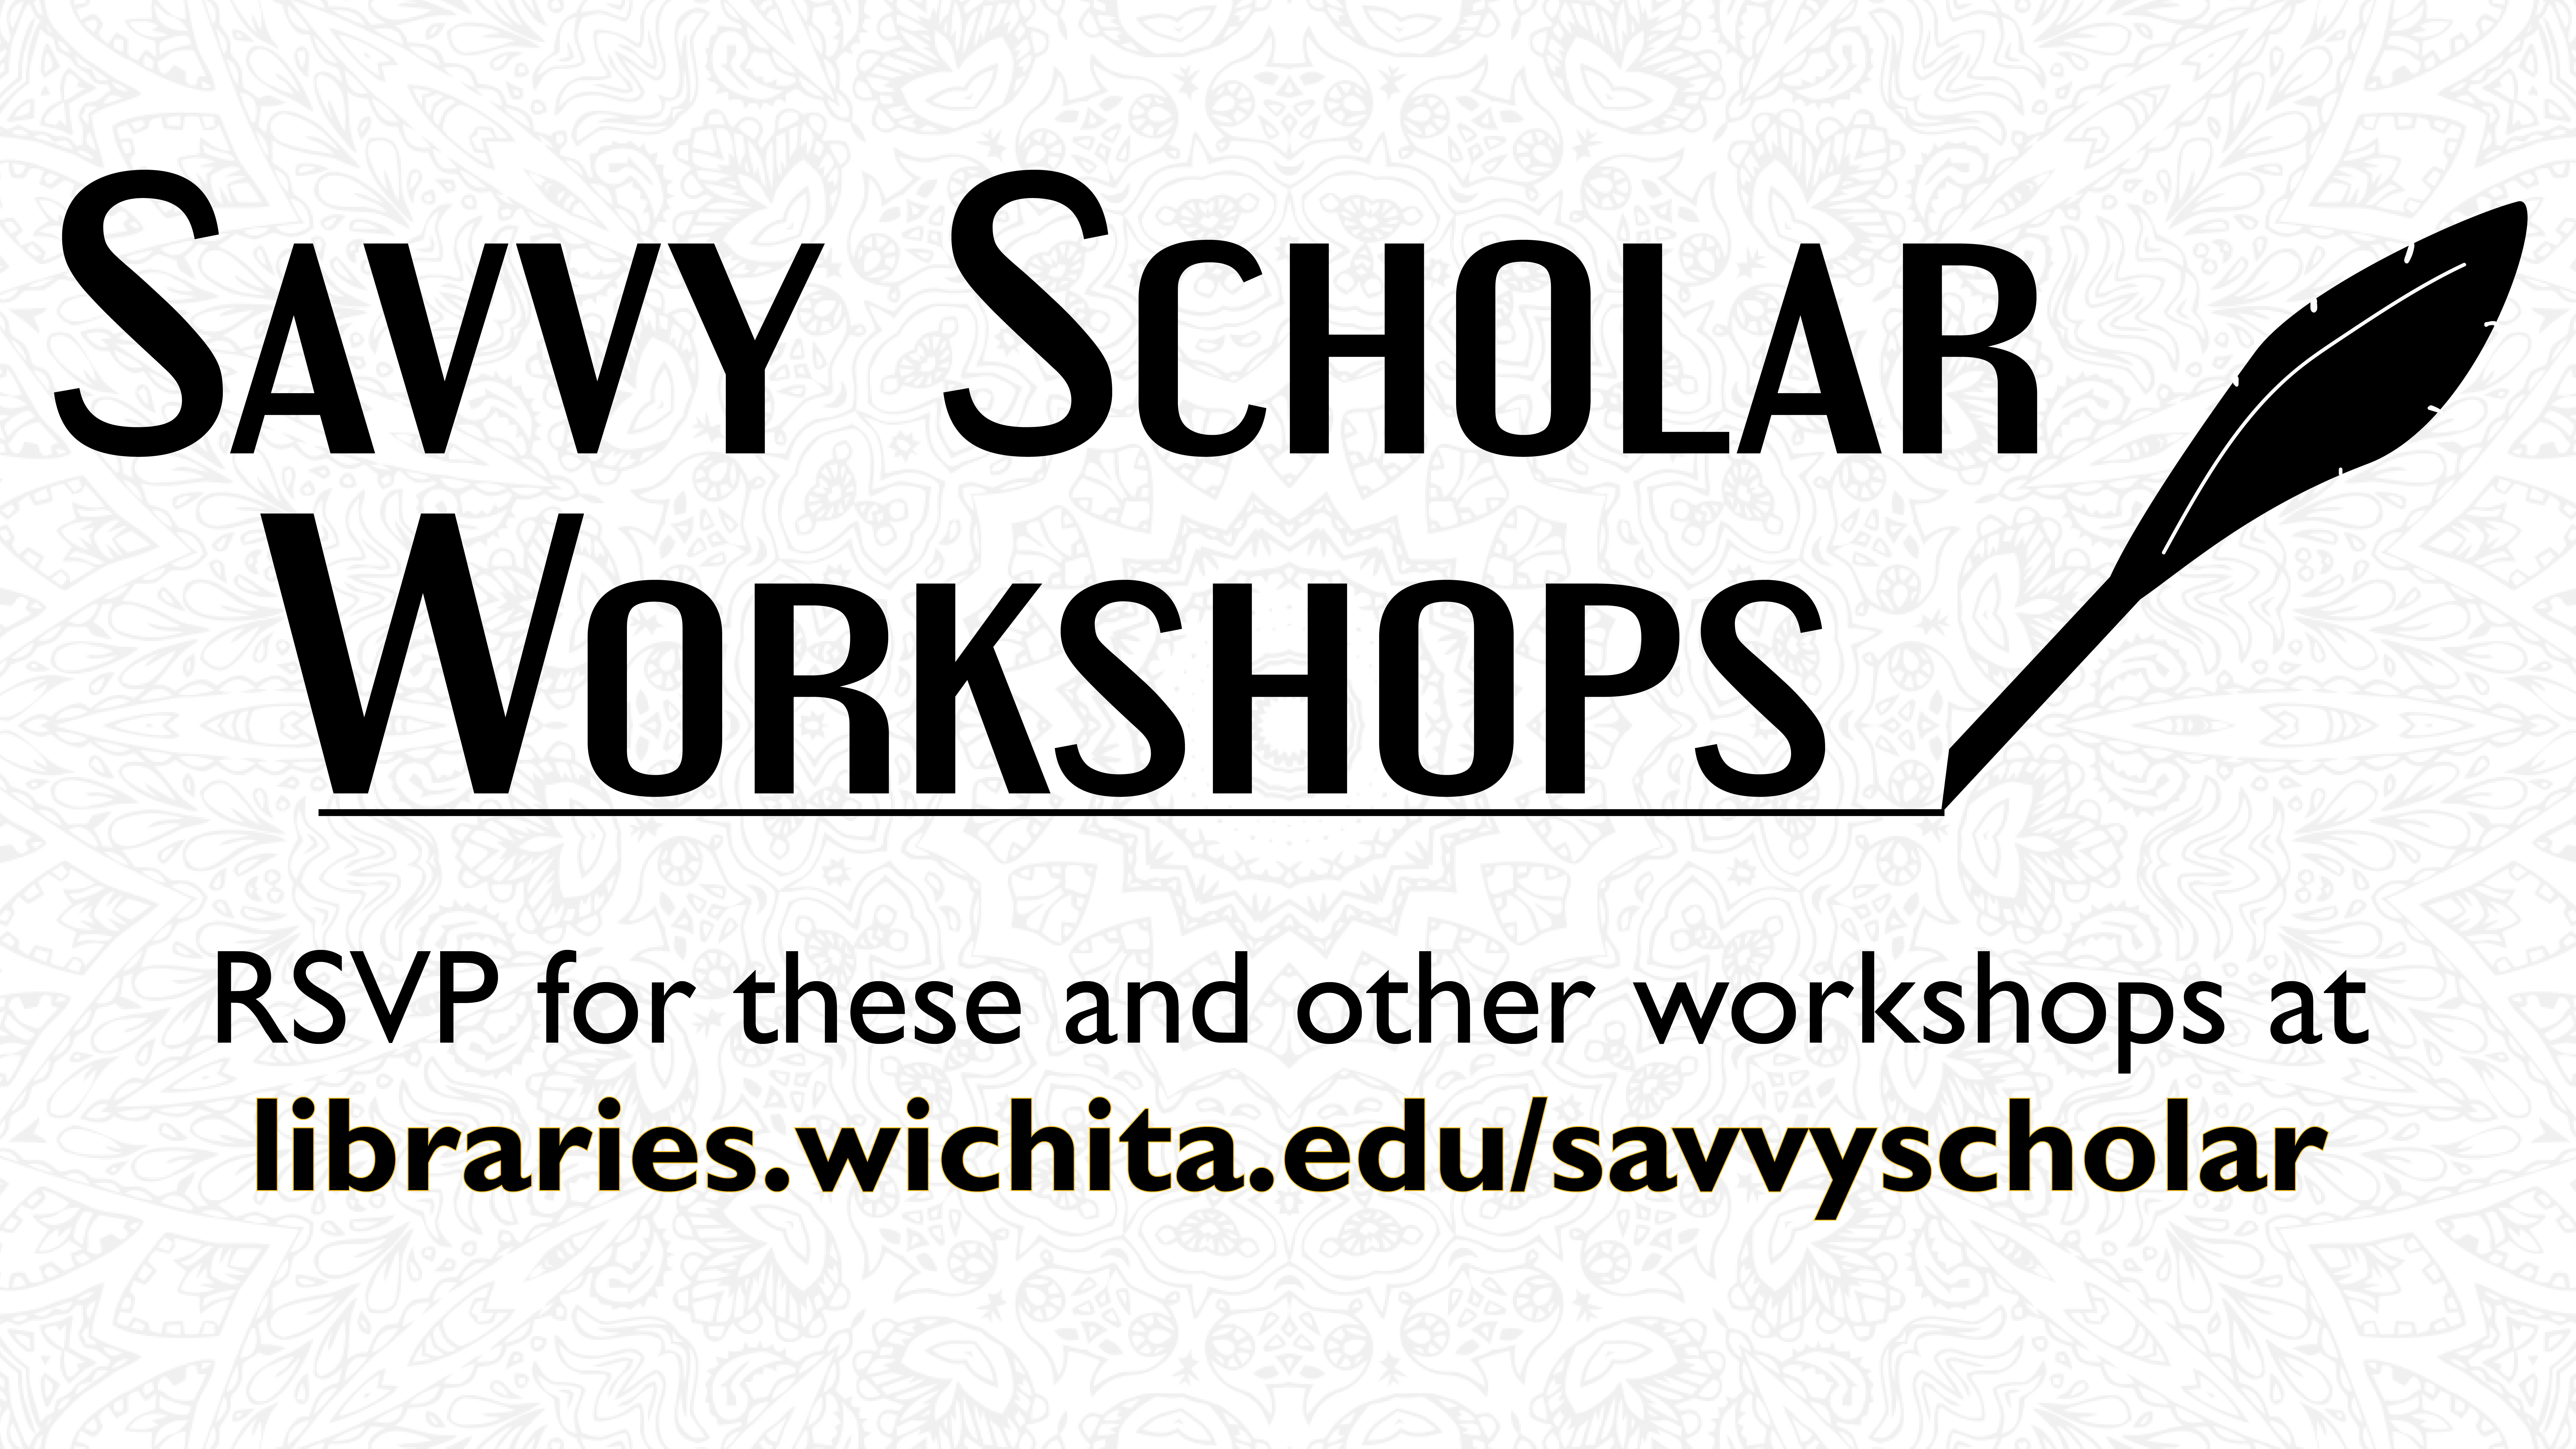 Savvy Scholar Workshops